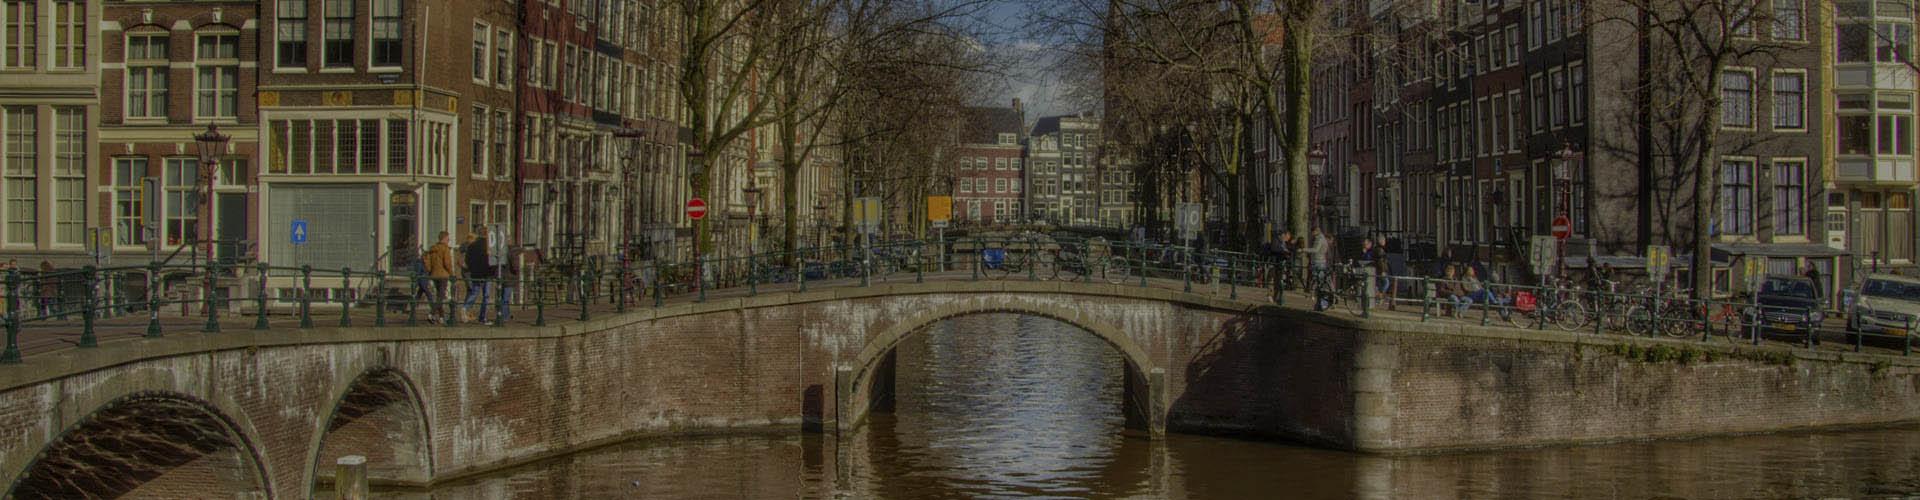 Cohen de Lara Gerechtsdeurwaarder Amsterdam | 1920 x 500 jpeg 171kB